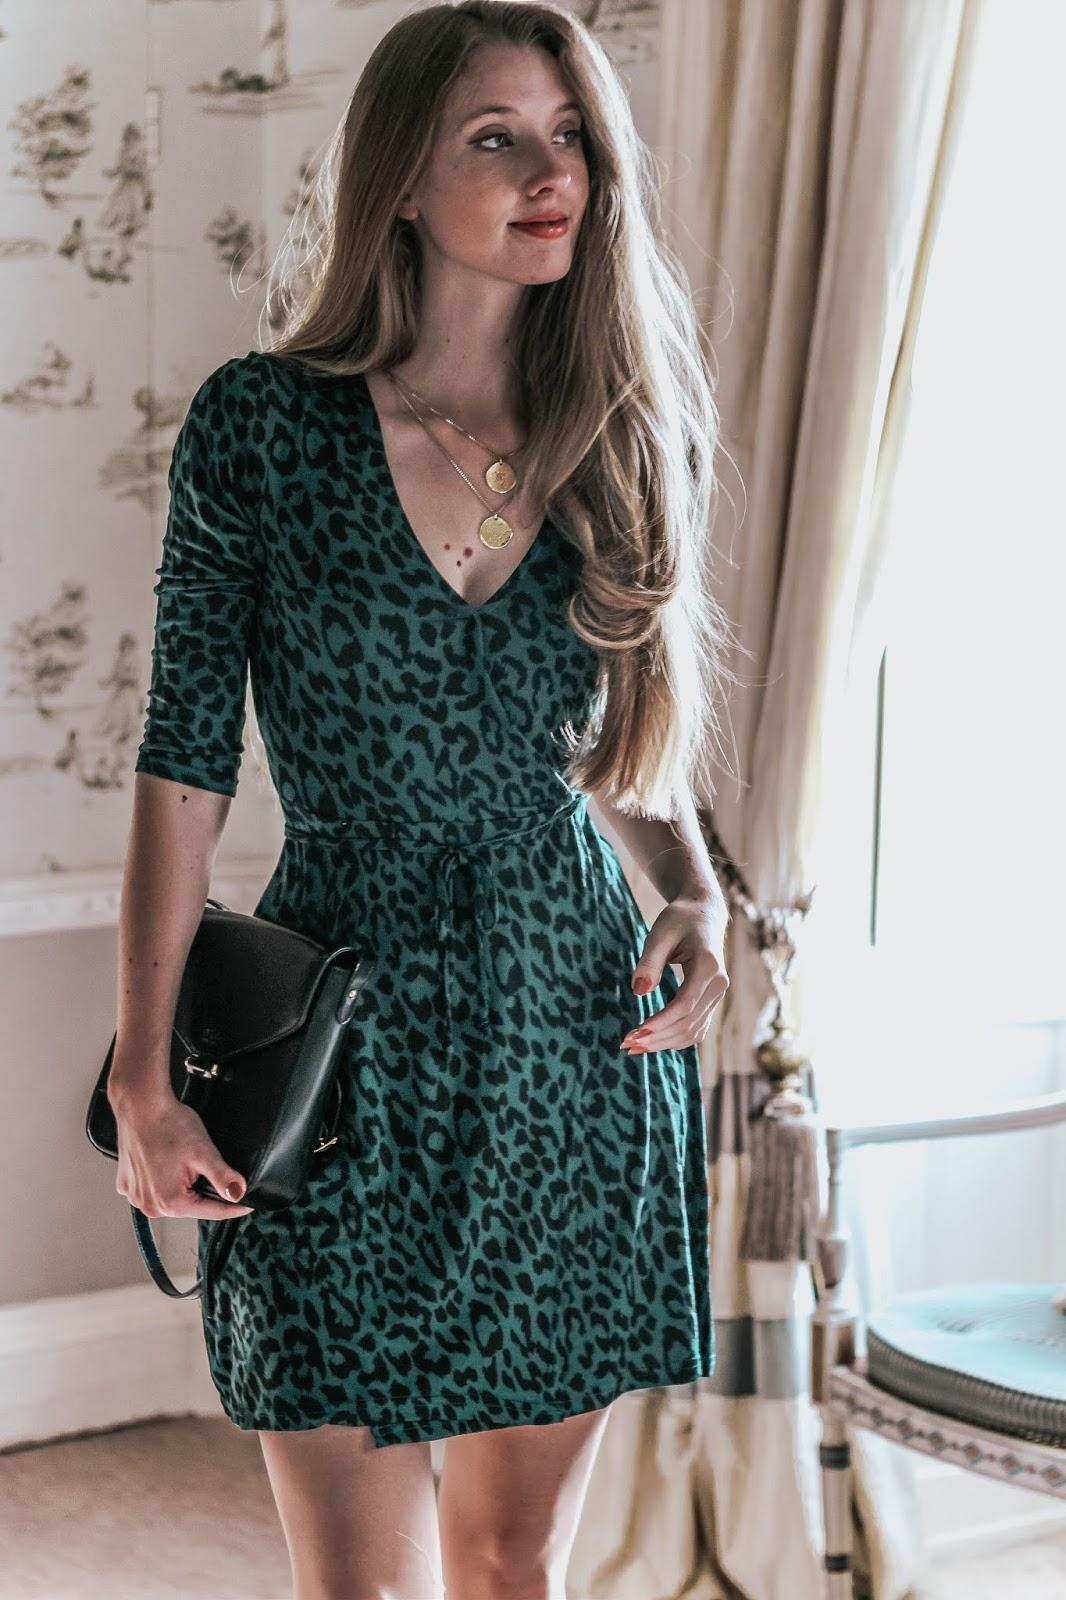 TKMaxx Innocence Green Leopard Print Dress